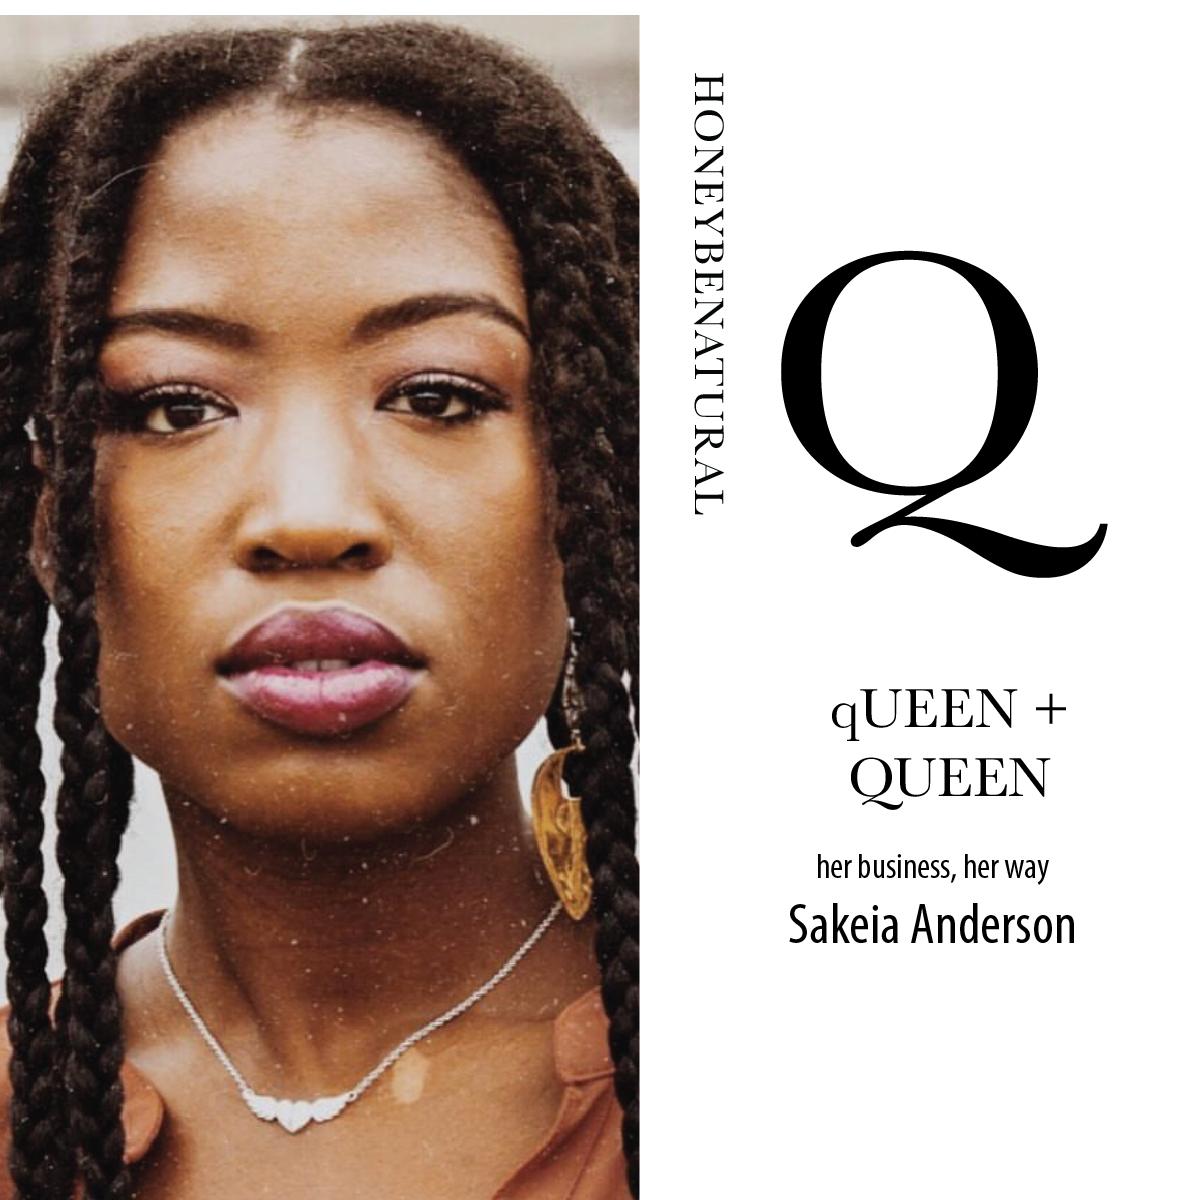 Queen-04.png